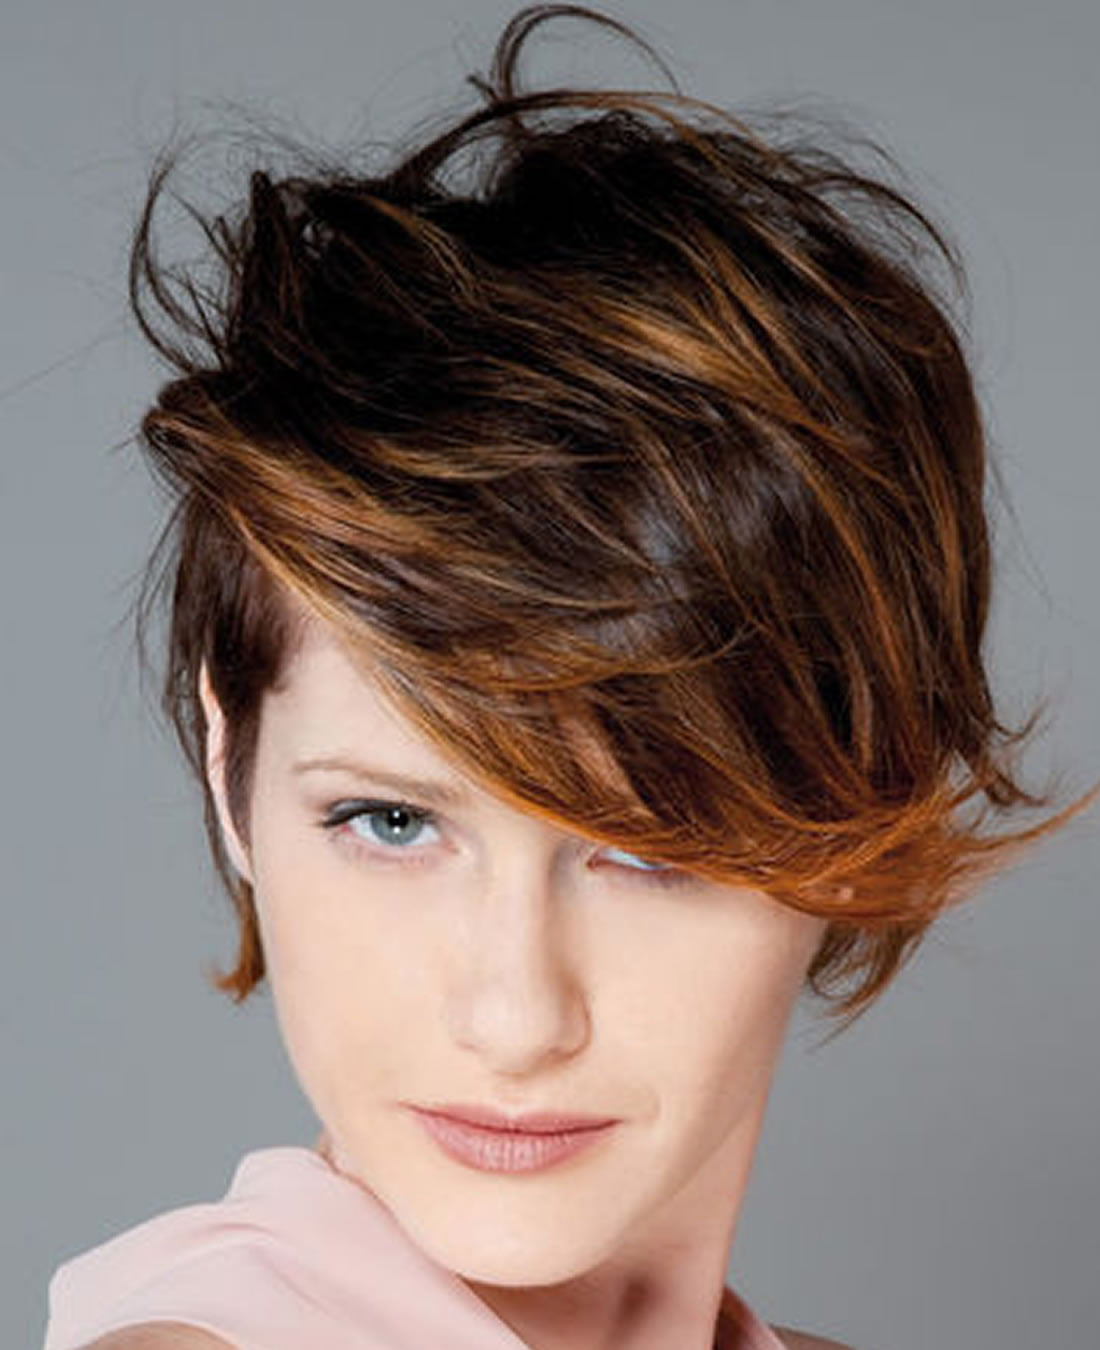 Причёски для женщин фото 2018